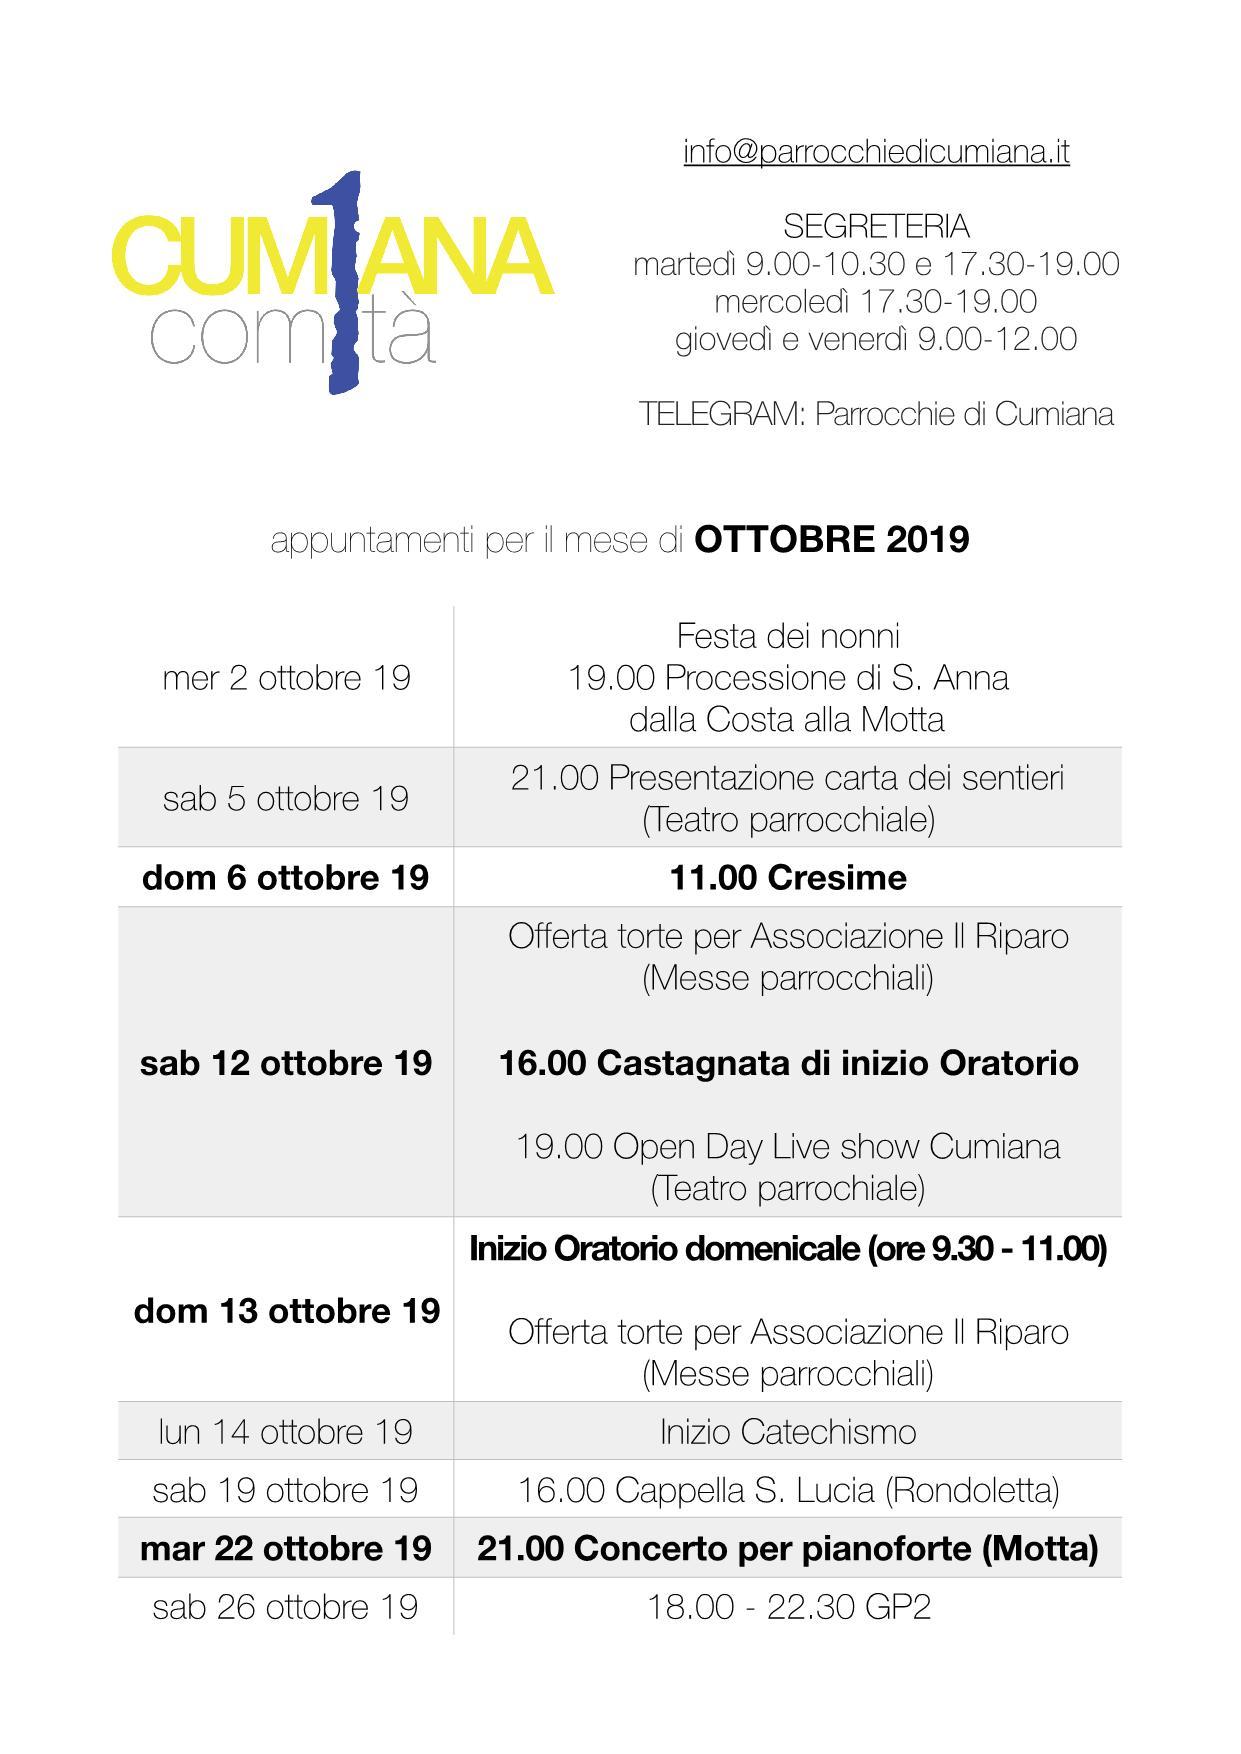 Calendario pastorale ottobre 2019-1_1